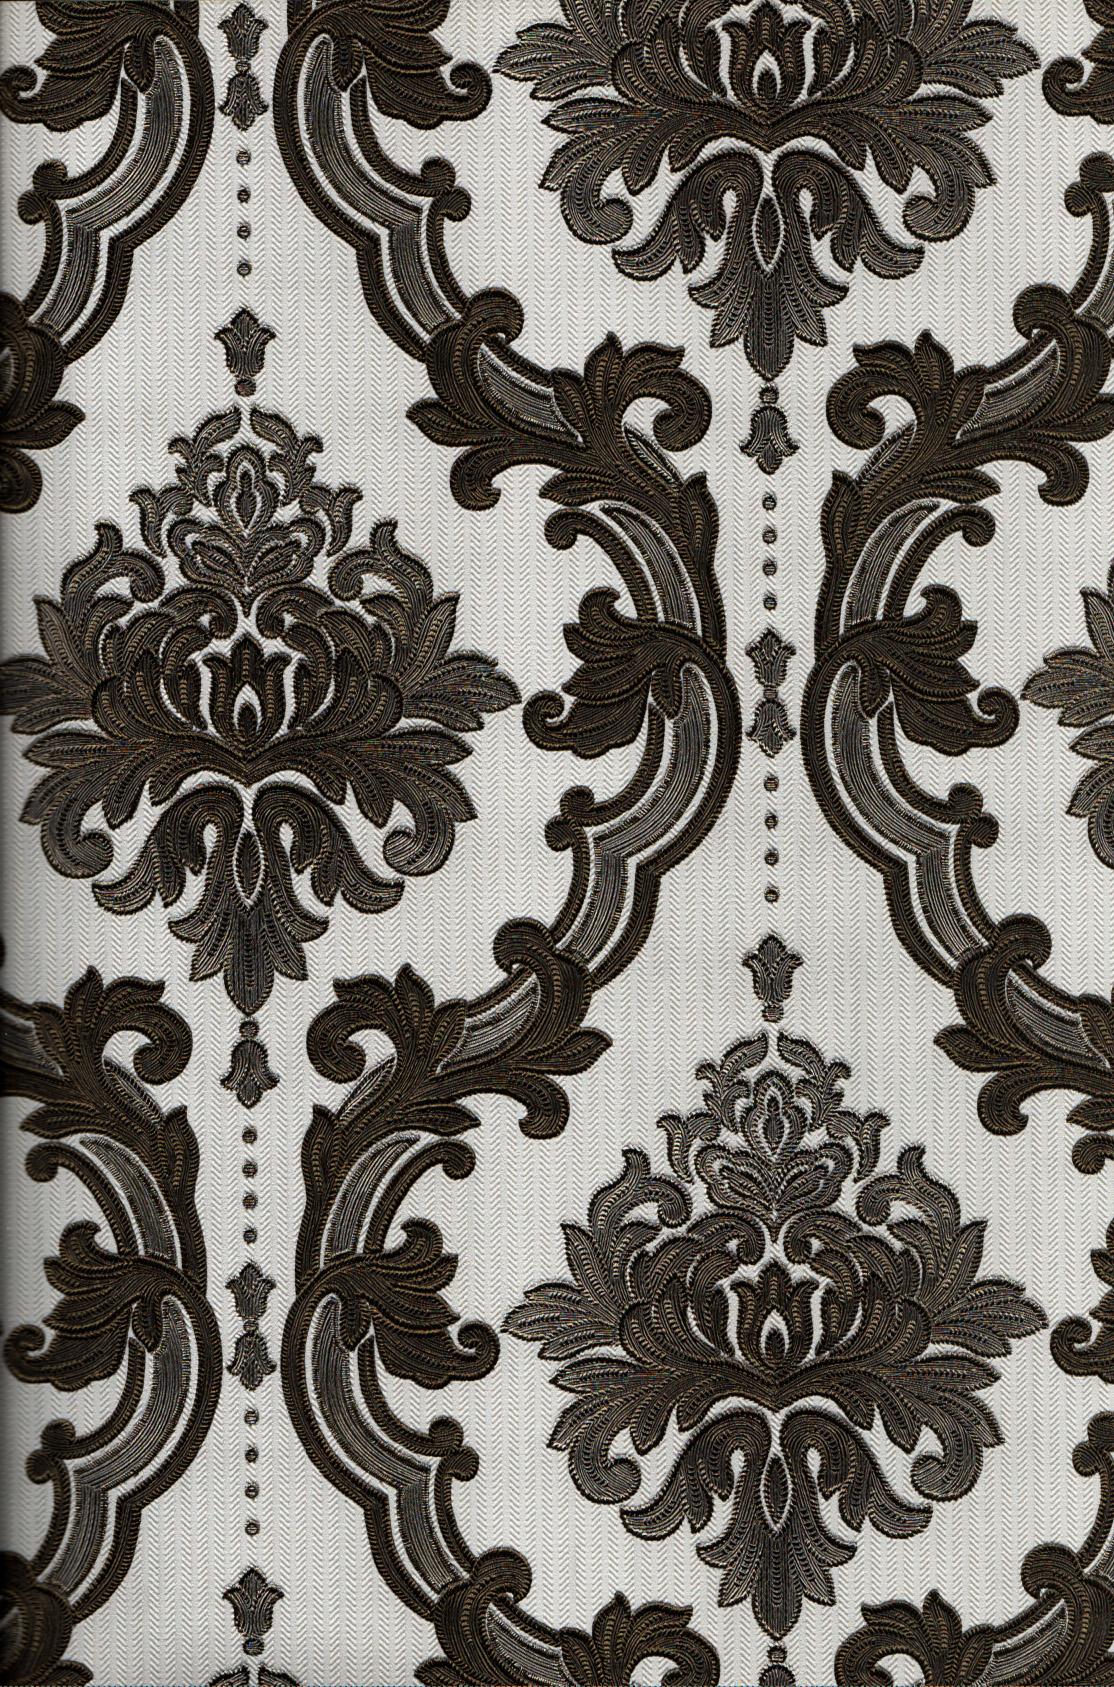 wallpaper   Wallpaper Klasik Batik (Damask) 4005-6:4005-6 corak  warna